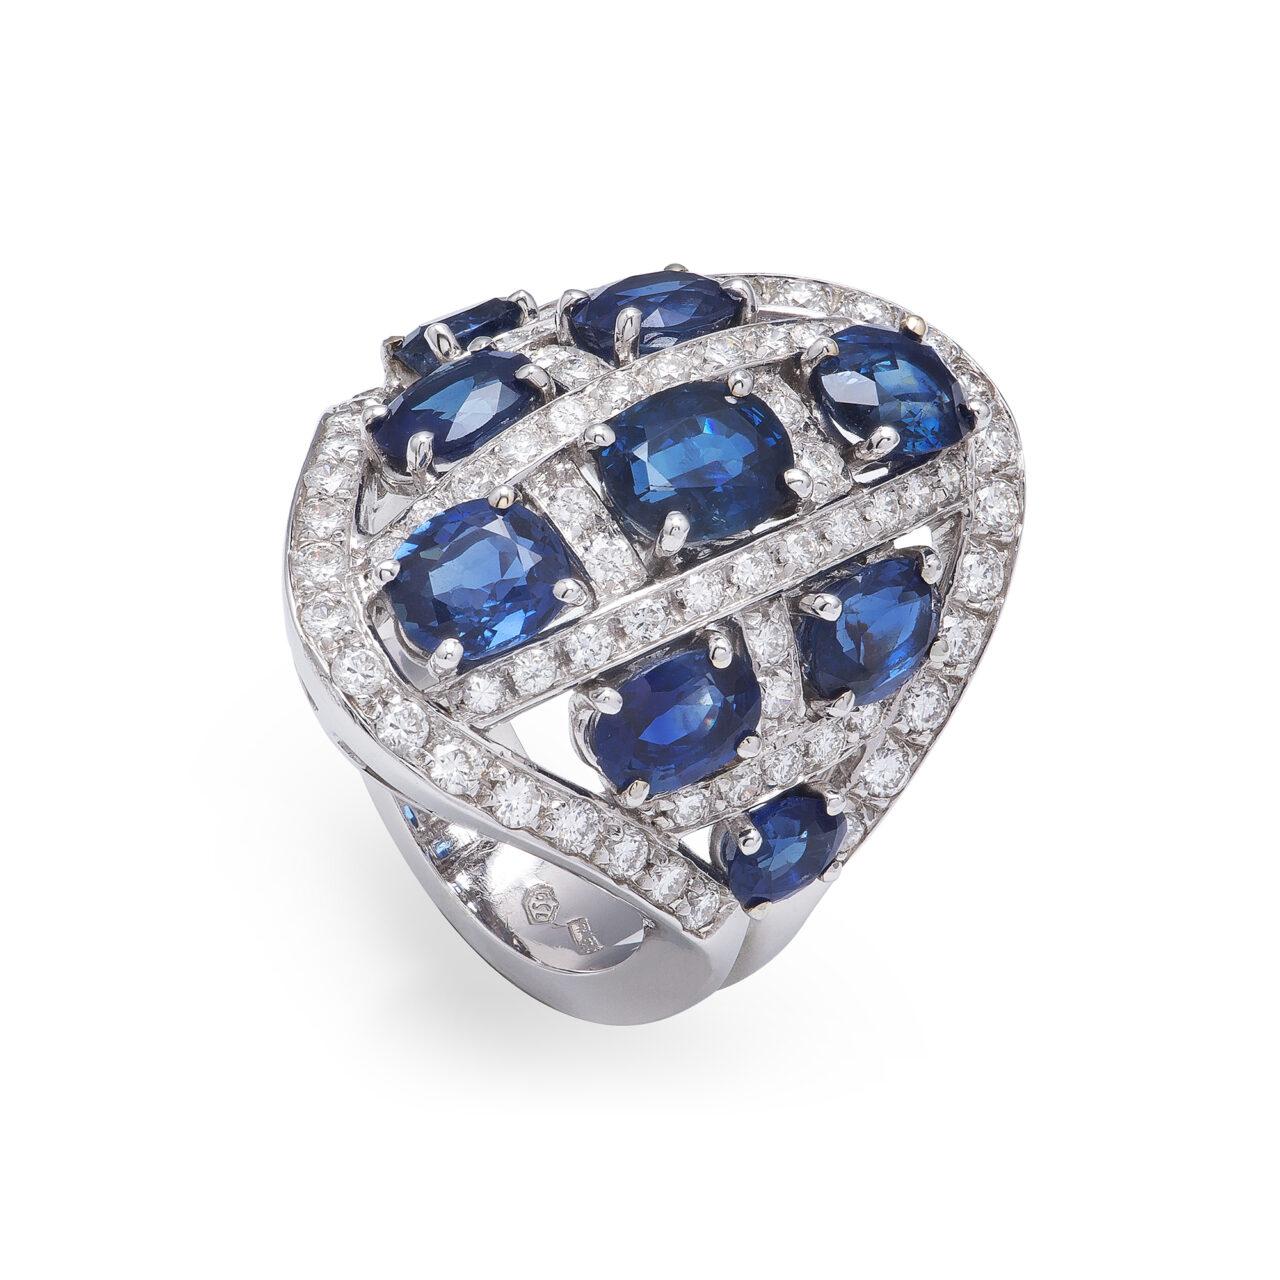 Anello in oro bianco 18k con Zaffiri e diamanti